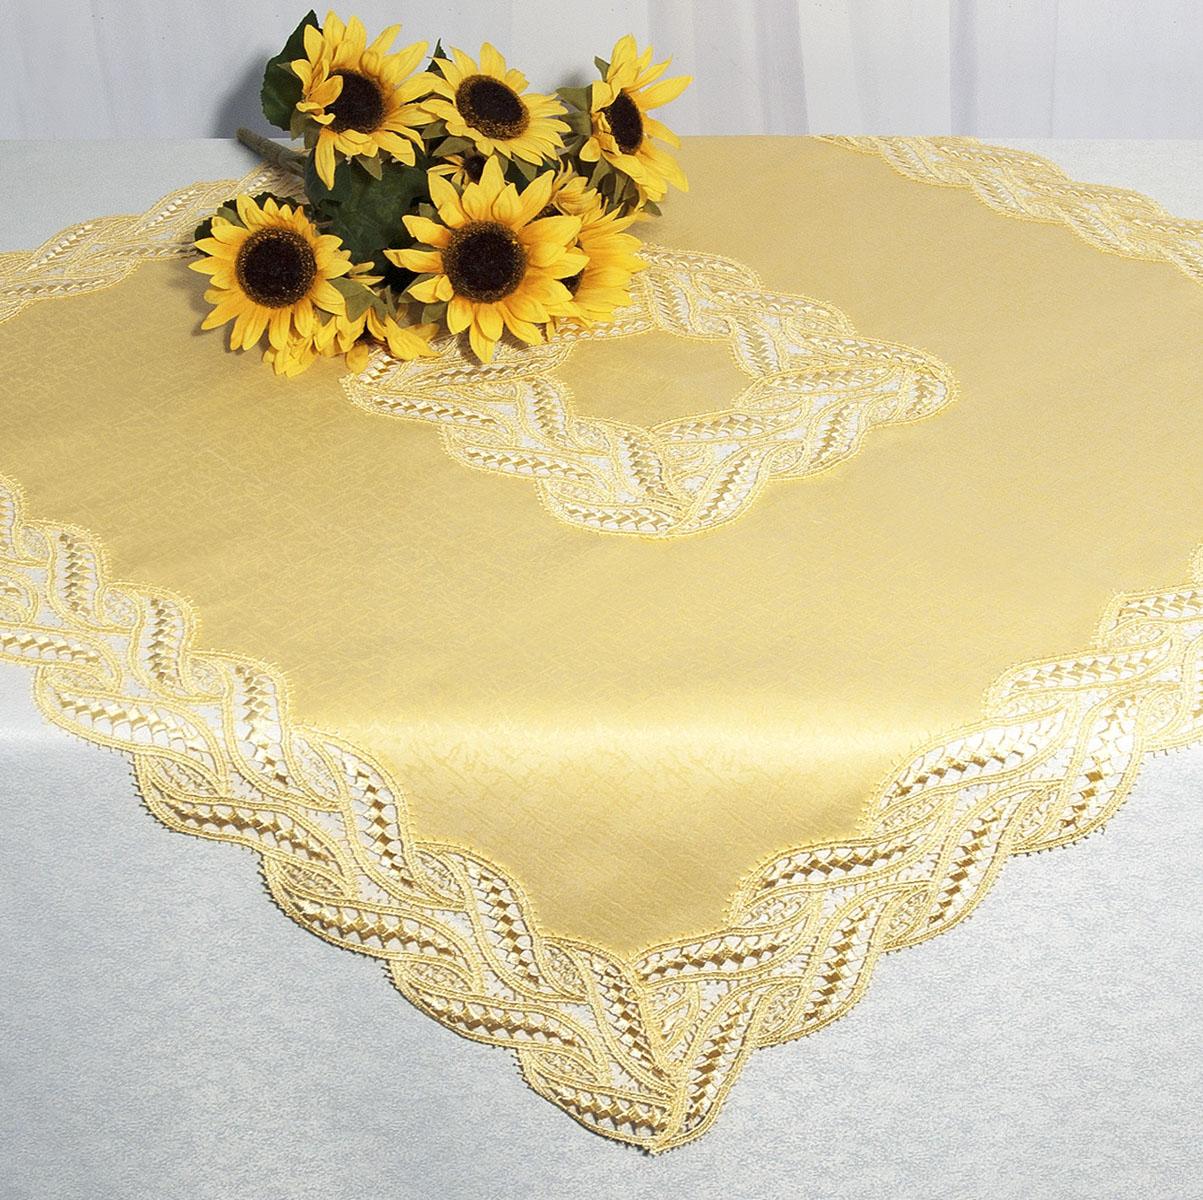 Скатерть Schaefer, квадратная, цвет: золотисто-желтый, 85 x 85 см. 30213021Квадратная скатерть Schaefer среднего размера, выполненная из полиэстера золотисто-желтого цвета, оформлена вышитым по краю и в центре кружевом, в тон скатерти, в технике - макраме. Изделия из полиэстера легко стирать: они не мнутся, не садятся и быстро сохнут, они более долговечны, чем изделия из натуральных волокон. Вы можете использовать эту скатерть самостоятельно, либо сверху основной, однотонной, большой скатерти. В любом случае она добавит в ваш дом стиля, изысканности и неповторимости. Характеристики: Материал: 100% полиэстер. Цвет: золотисто-желтый. Размер скатерти: 85 см х 85 см. Артикул: 3021. Немецкая компания Schaefer создана в 1921 году. На протяжении всего времени существования она создает уникальные коллекции домашнего текстиля для гостиных, спален, кухонь и ванных комнат. Дизайнерские идеи немецких художников компании Schaefer воплощаются в текстильных изделиях, которые сделают ваш дом красивее и уютнее и не...